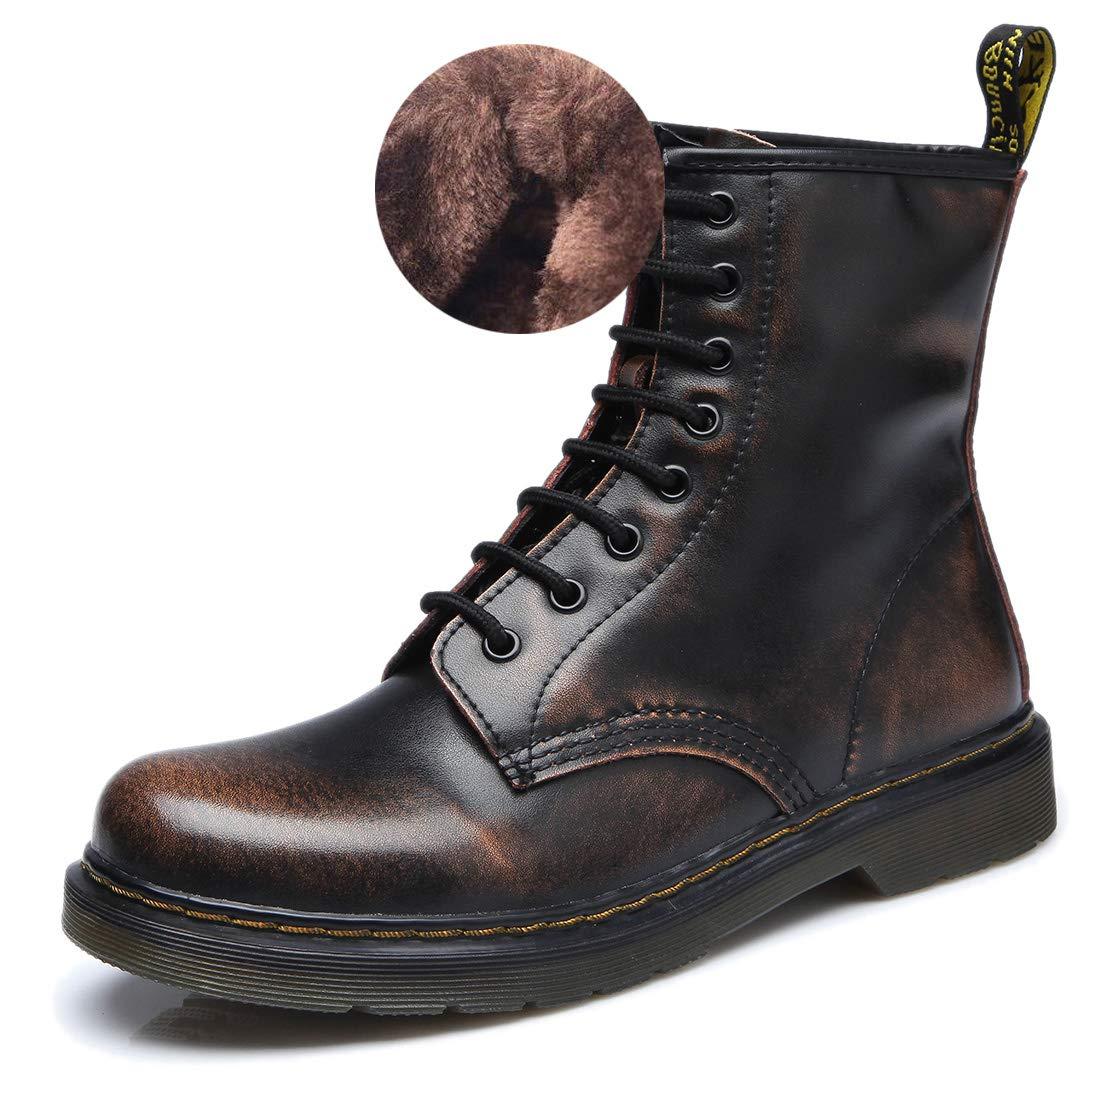 uBeauty B00ZP324CO - Bottes Femme Bottes - Martin Bottes - Chaussures Boots Flattie Sport - Chaussures Classiques - Bottines À Lacets Velours marron 5b812c8 - jessicalock.space